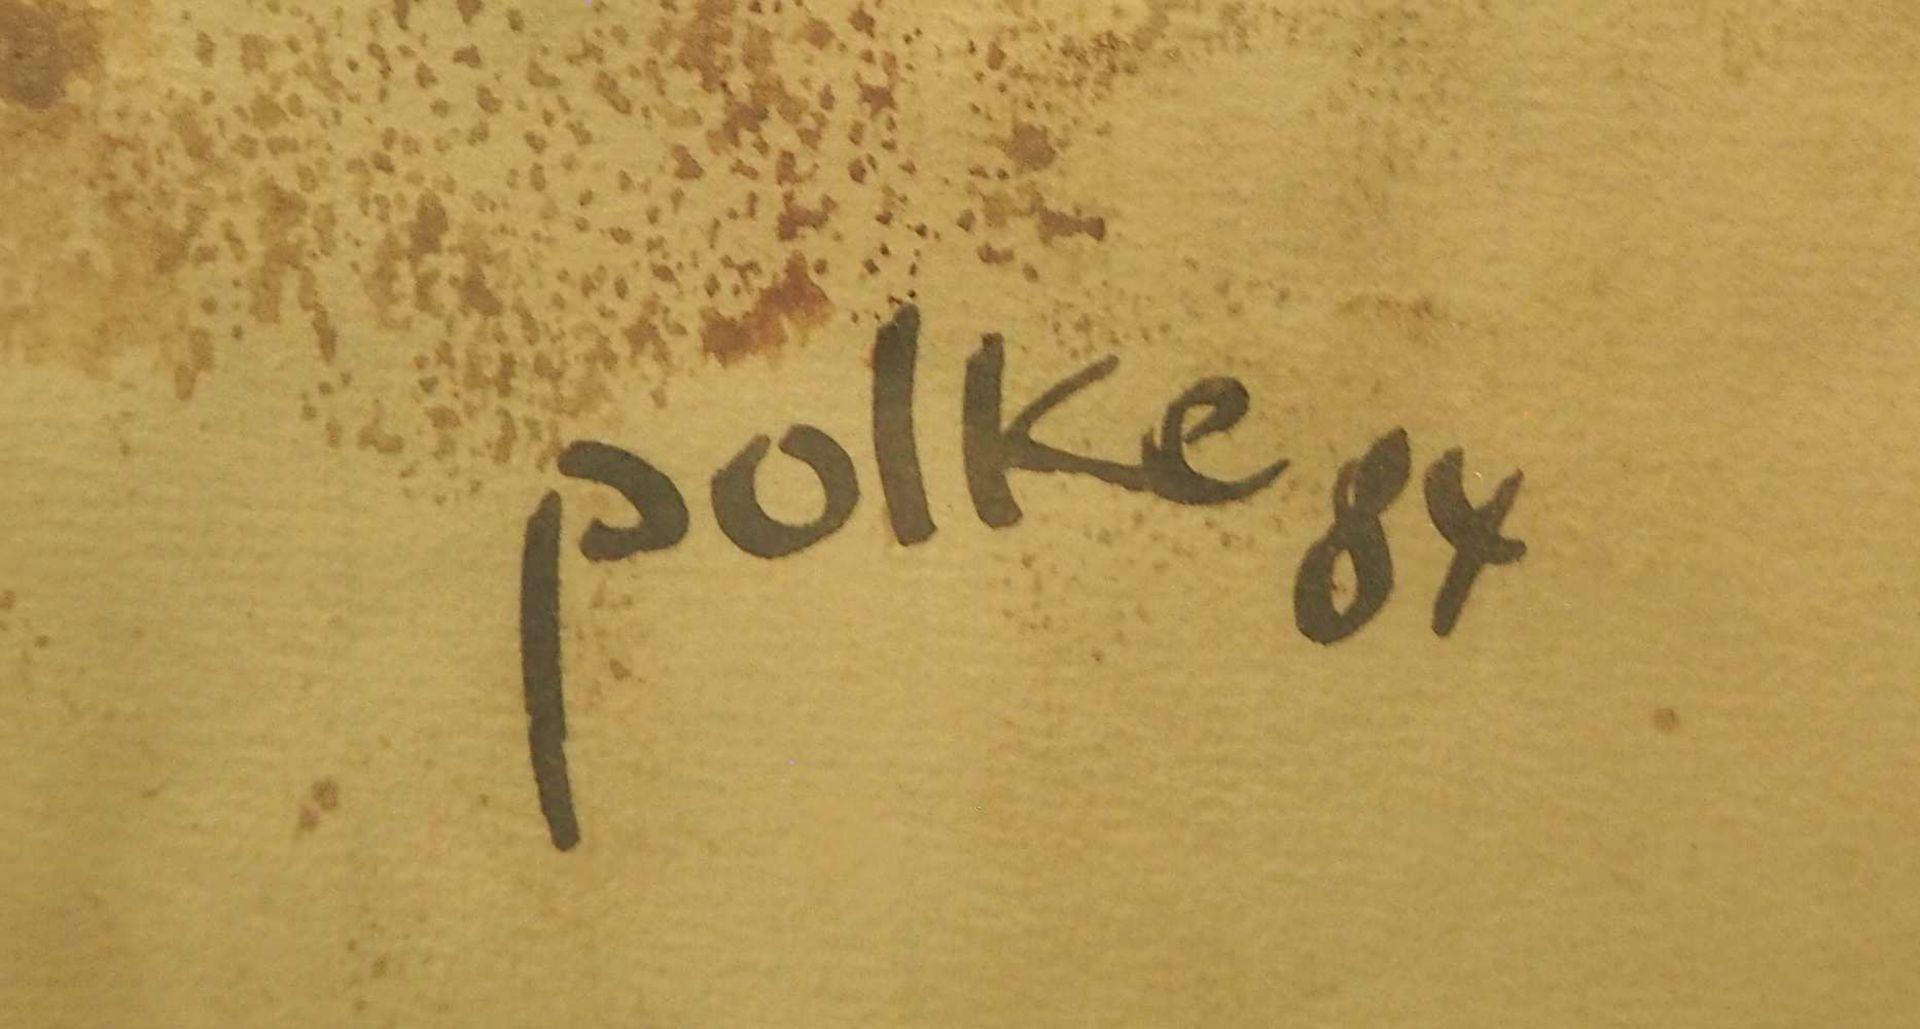 """1 Aquarell """"Spitzen der Gesellschaft"""" R.u. sign. POLKE (wohl Wilfrid P. 1932-2014) R.u - Bild 3 aus 3"""